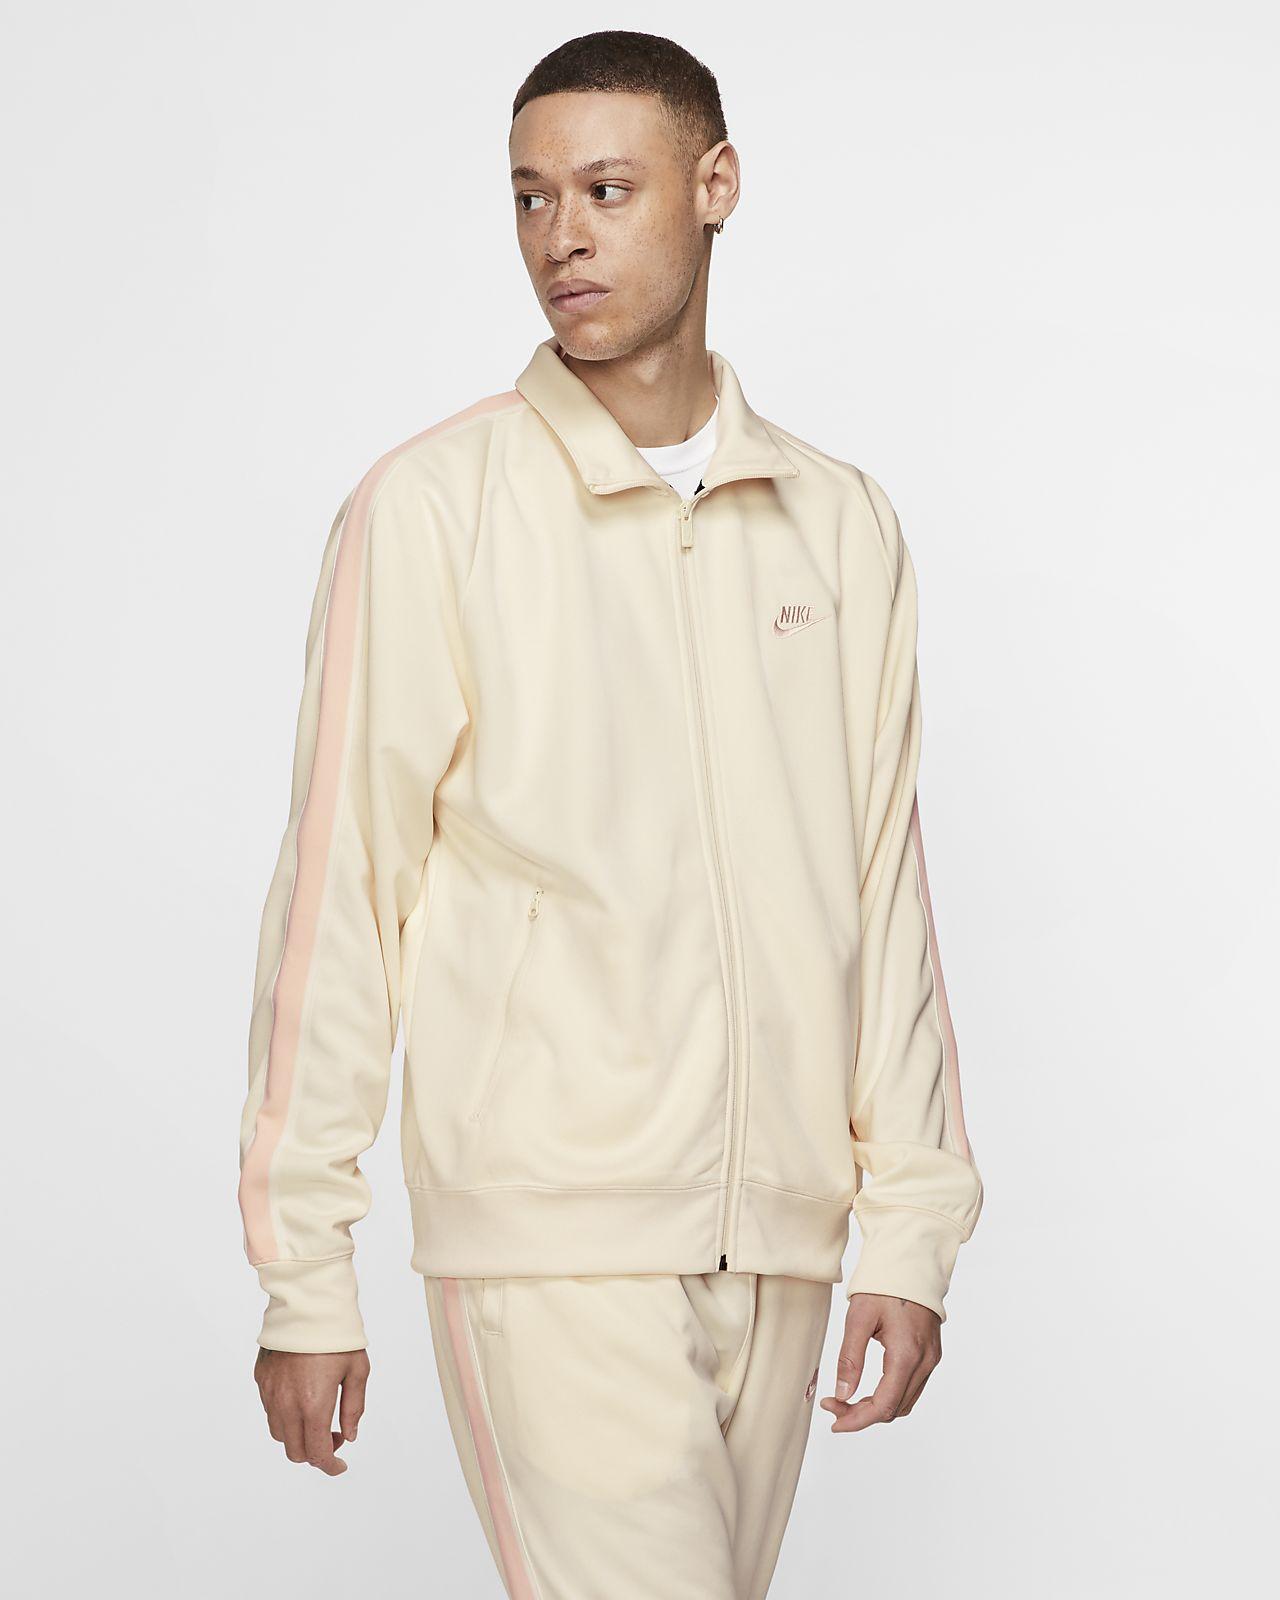 Heritage Jacket Men's Nike Sportswear XPnwkN80O